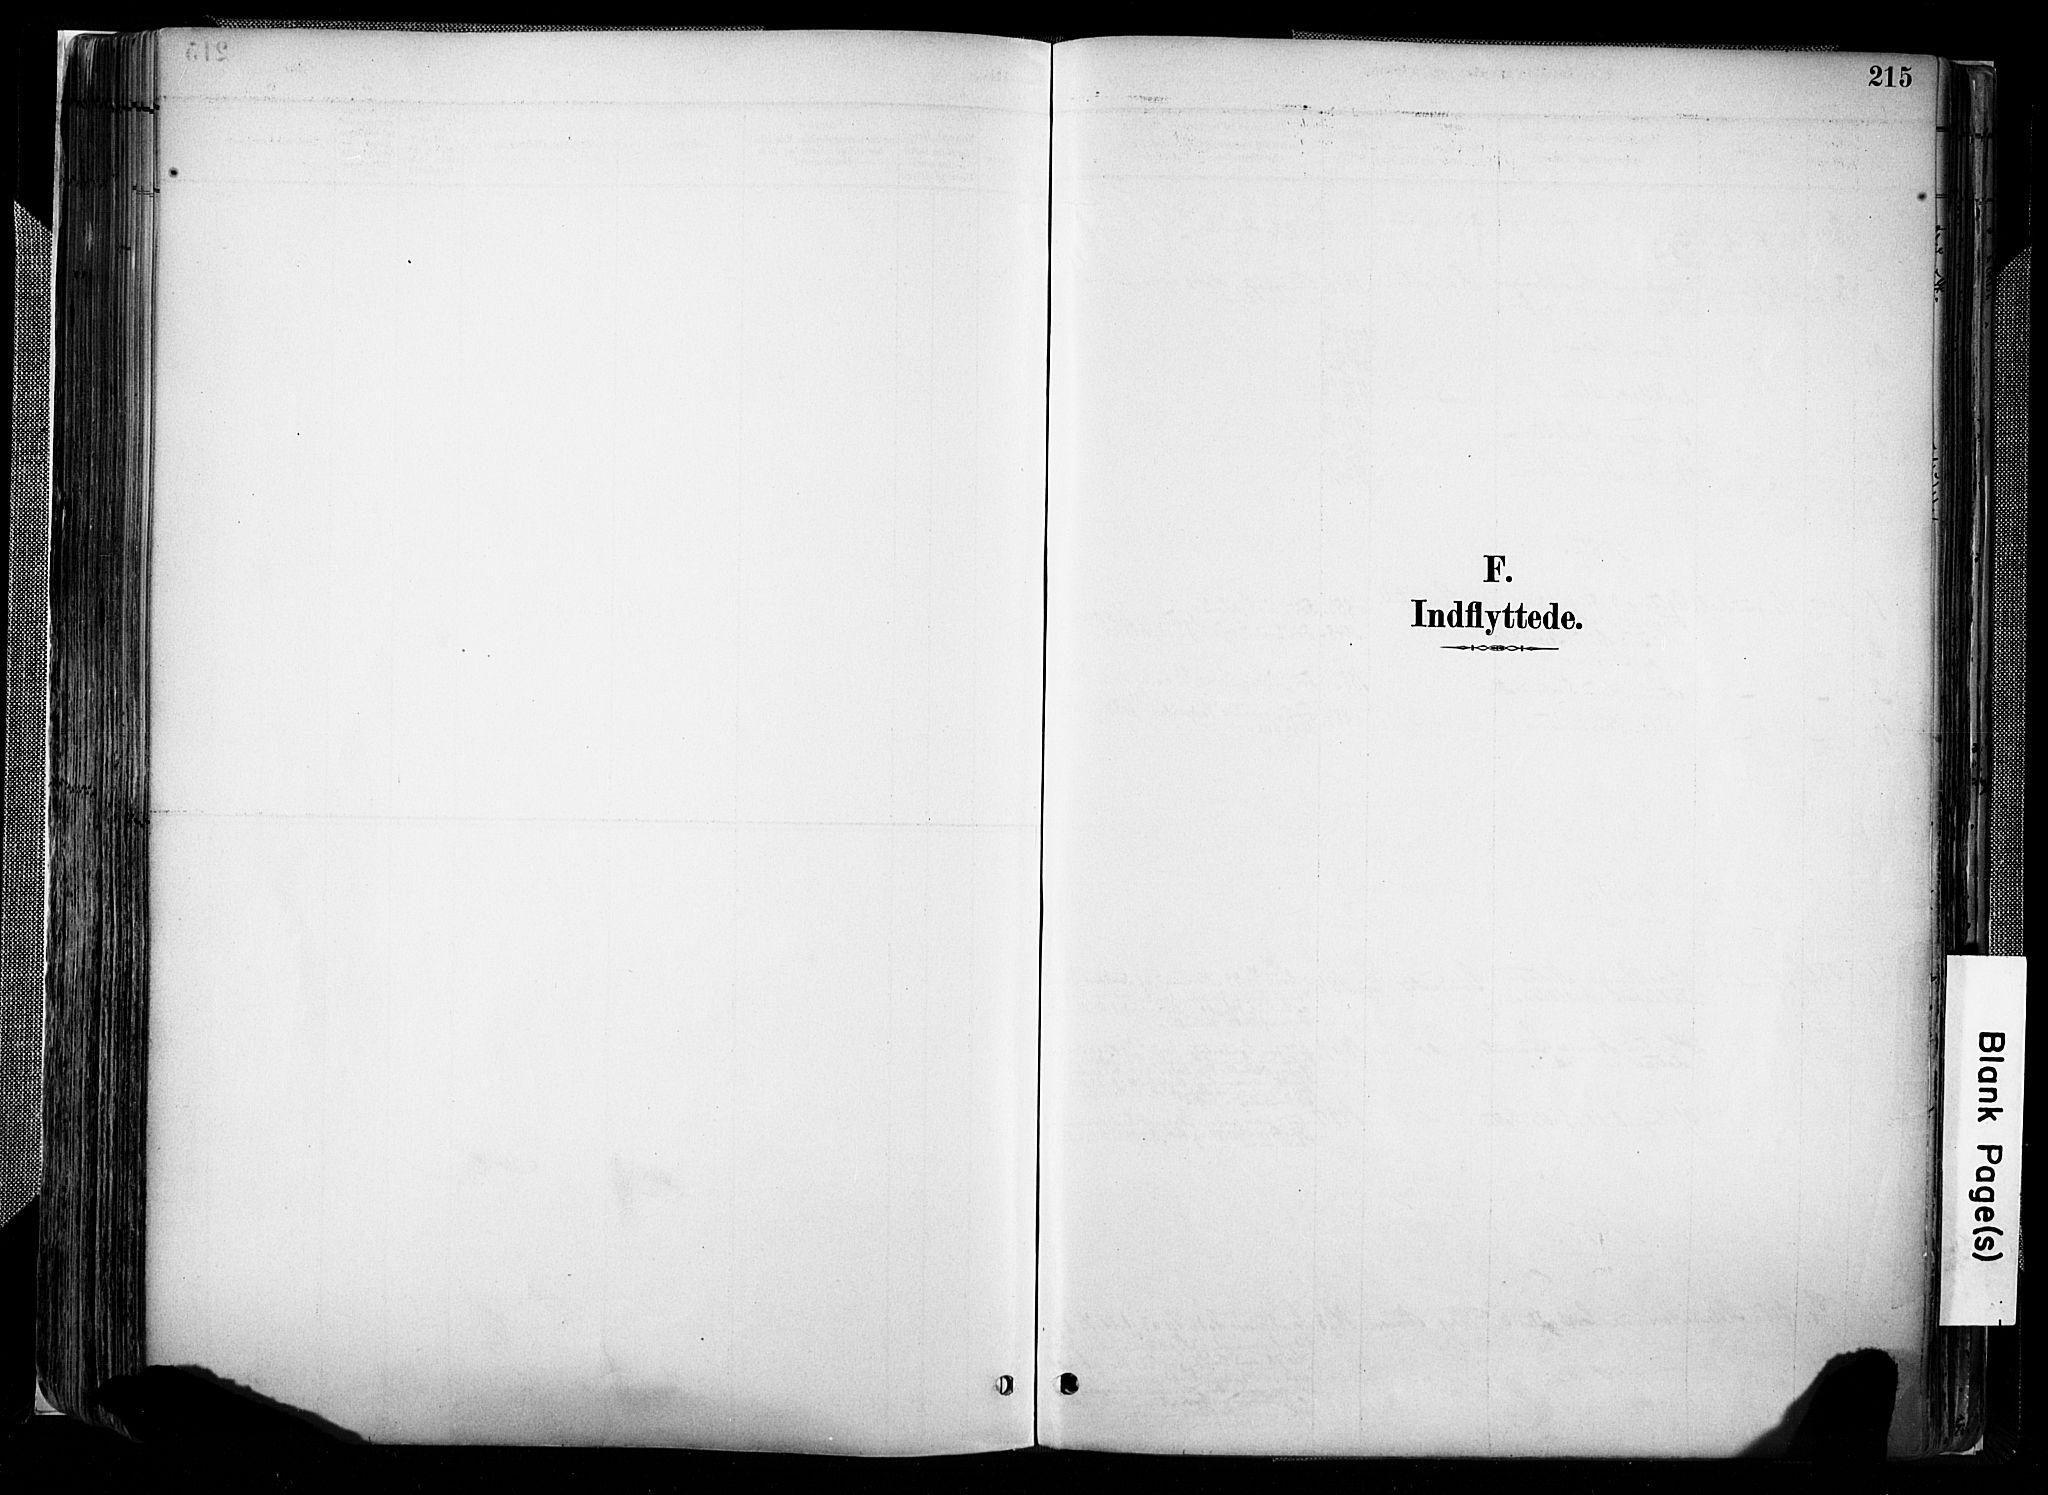 SAK, Evje sokneprestkontor, F/Fa/Faa/L0007: Ministerialbok nr. A 7, 1884-1909, s. 215